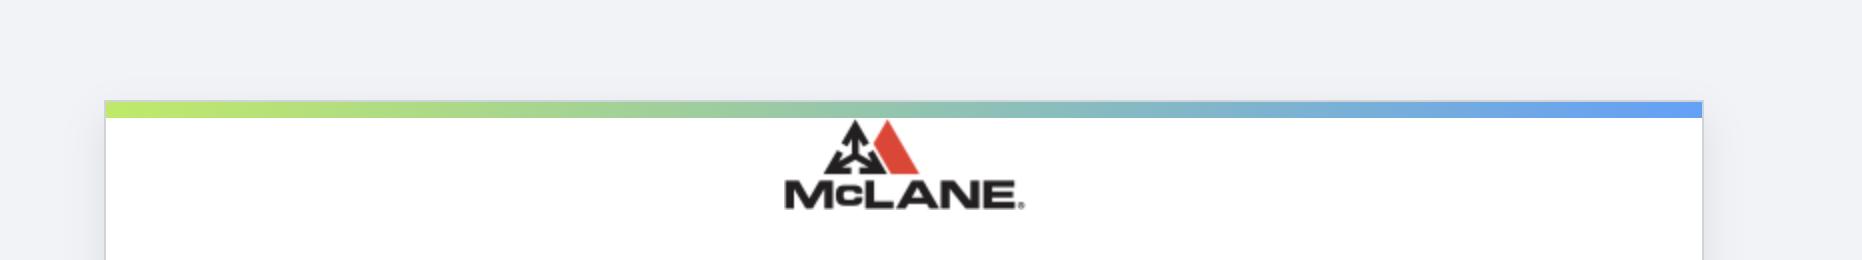 Eserve Mclane Login Online